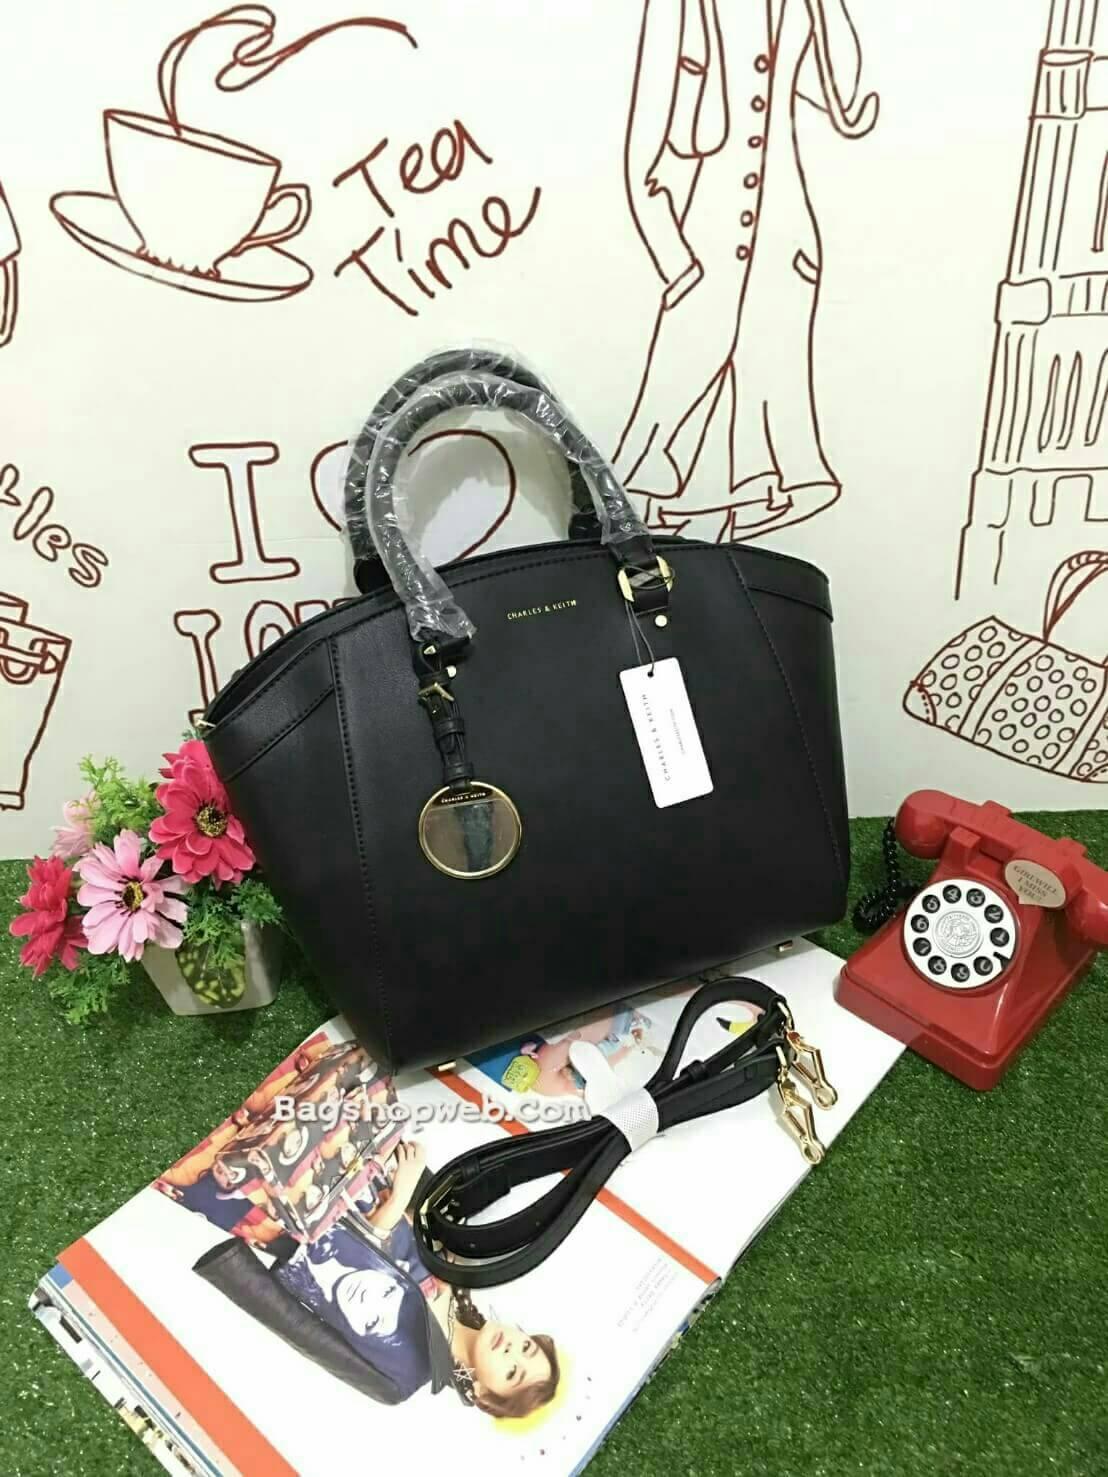 กระเป๋า CHARLES & KEITH LARGE CITY BAG 2016 (SIZE L) สีดำ ราคา 1,590 บาท ฟรี ems